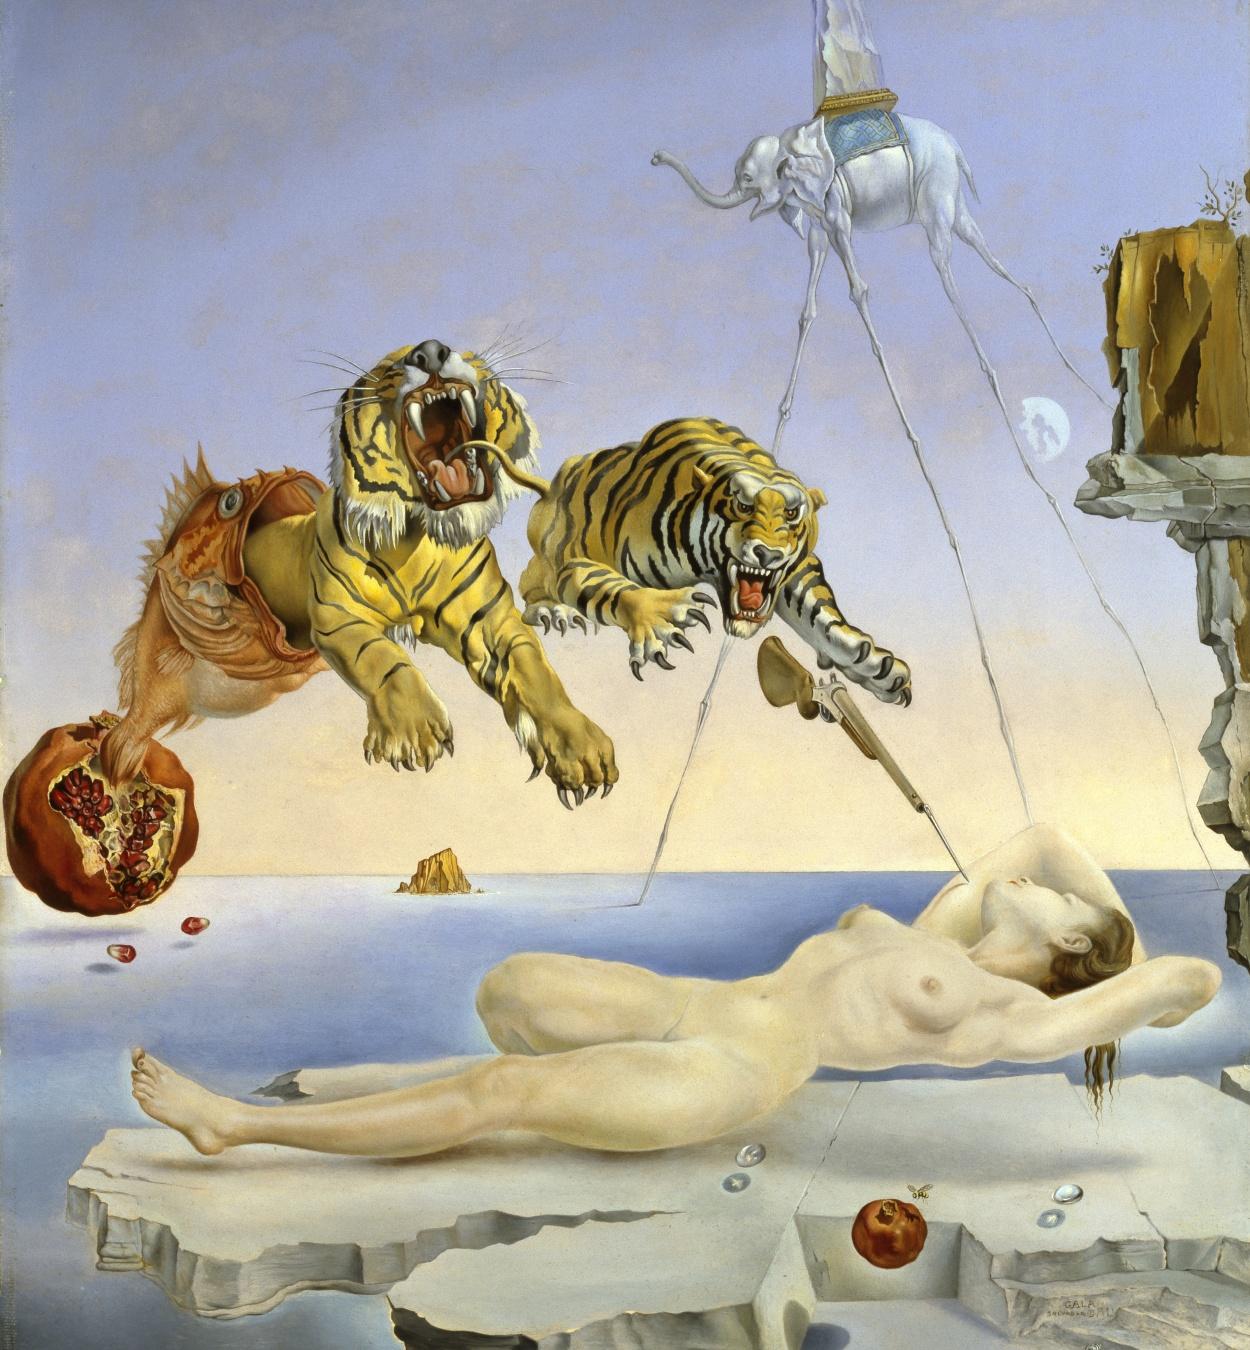 Salvador Dalí. Somni causat pel vol d'una abella al voltant d'una magrana un segon abans de despertar © Salvador Dalí, Fundació Gala-Salvador Dali, VEGAP, Barcelona, 2018